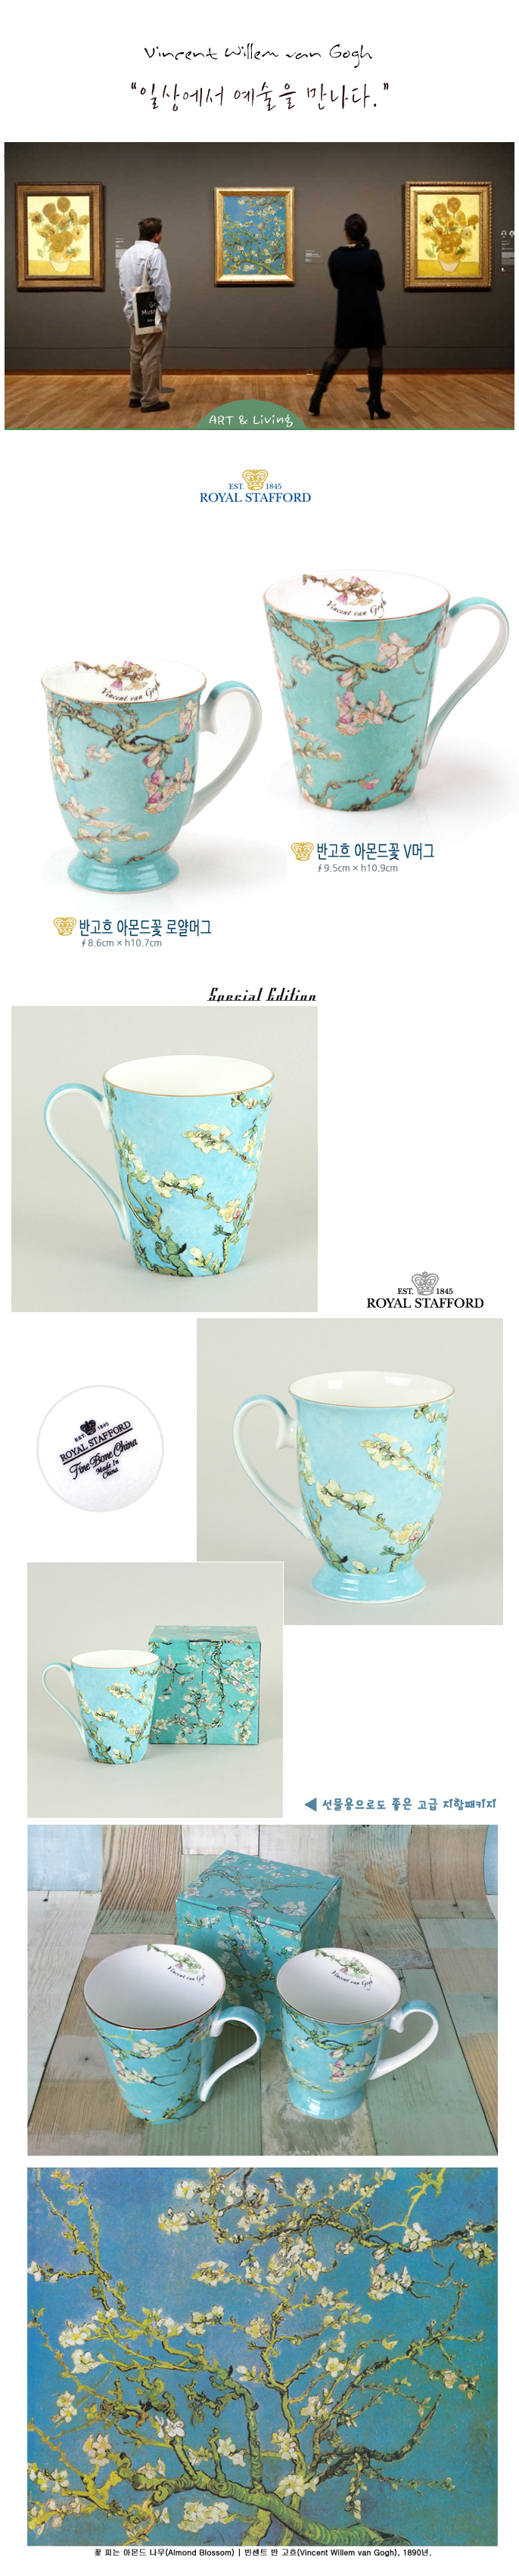 아몬드꽃 머그(로얄스태포드) - 디즈니홈웨어, 15,000원, 머그컵, 패턴머그